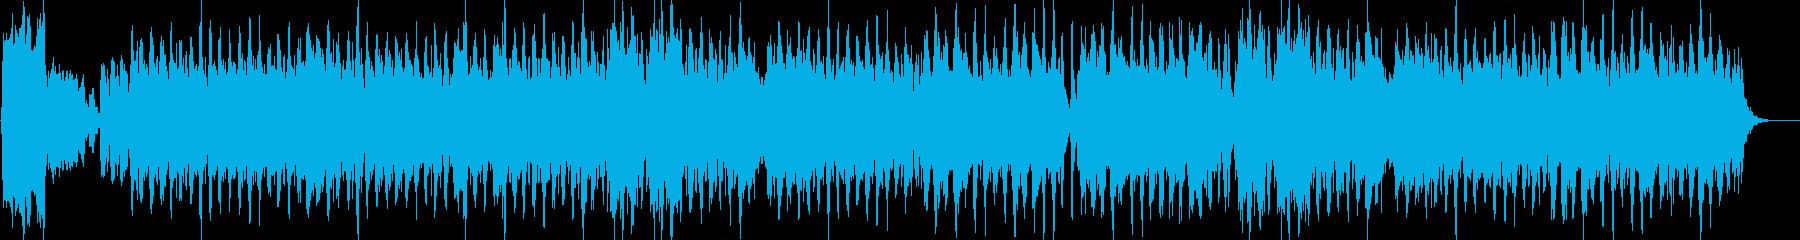 素敵なメロディーの速いペースのオー...の再生済みの波形